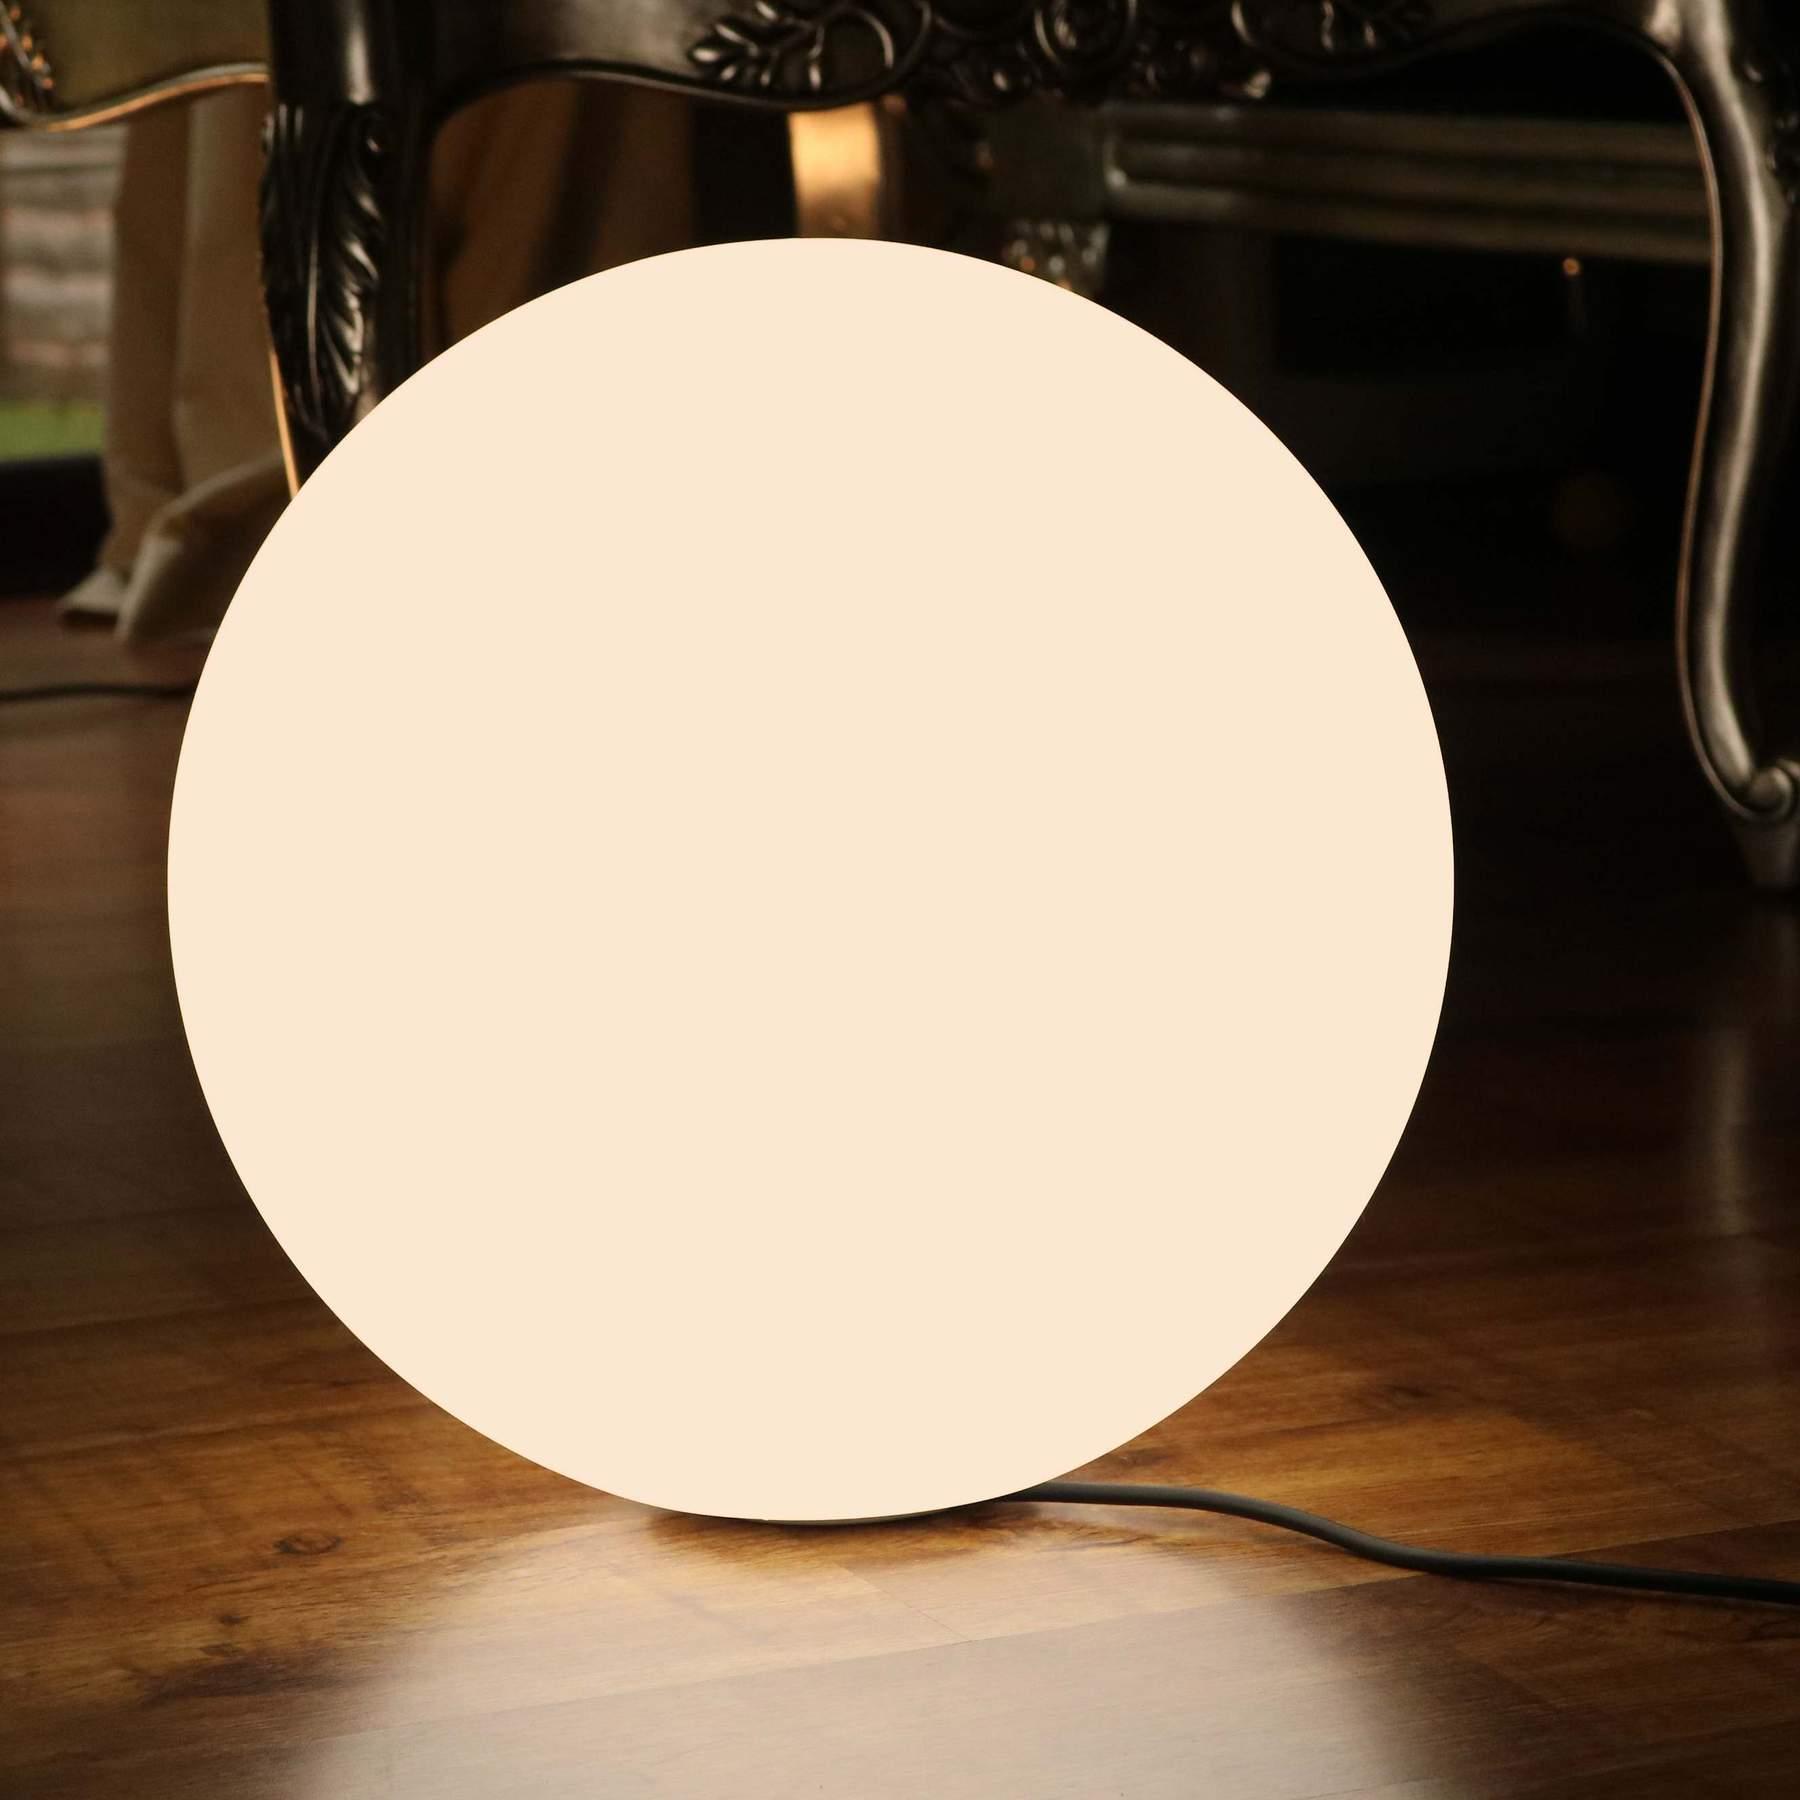 40 cm E27 Bulb Outdoor Ball Lamps